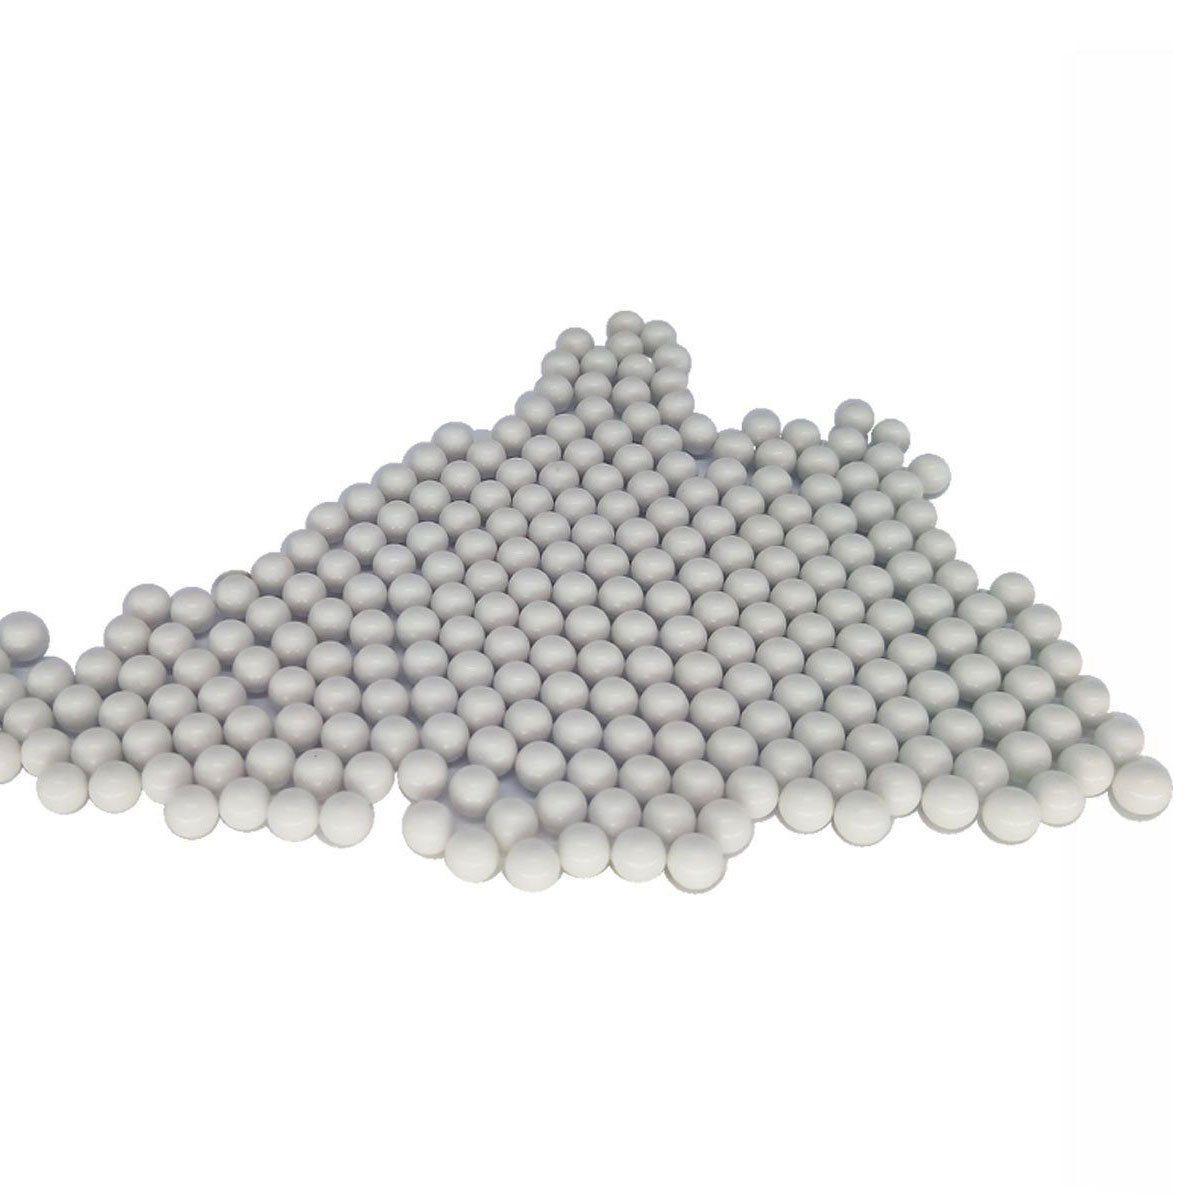 Esferas Plásticas BBs Bio Attack Calibre 6mm 0,40g 2000un